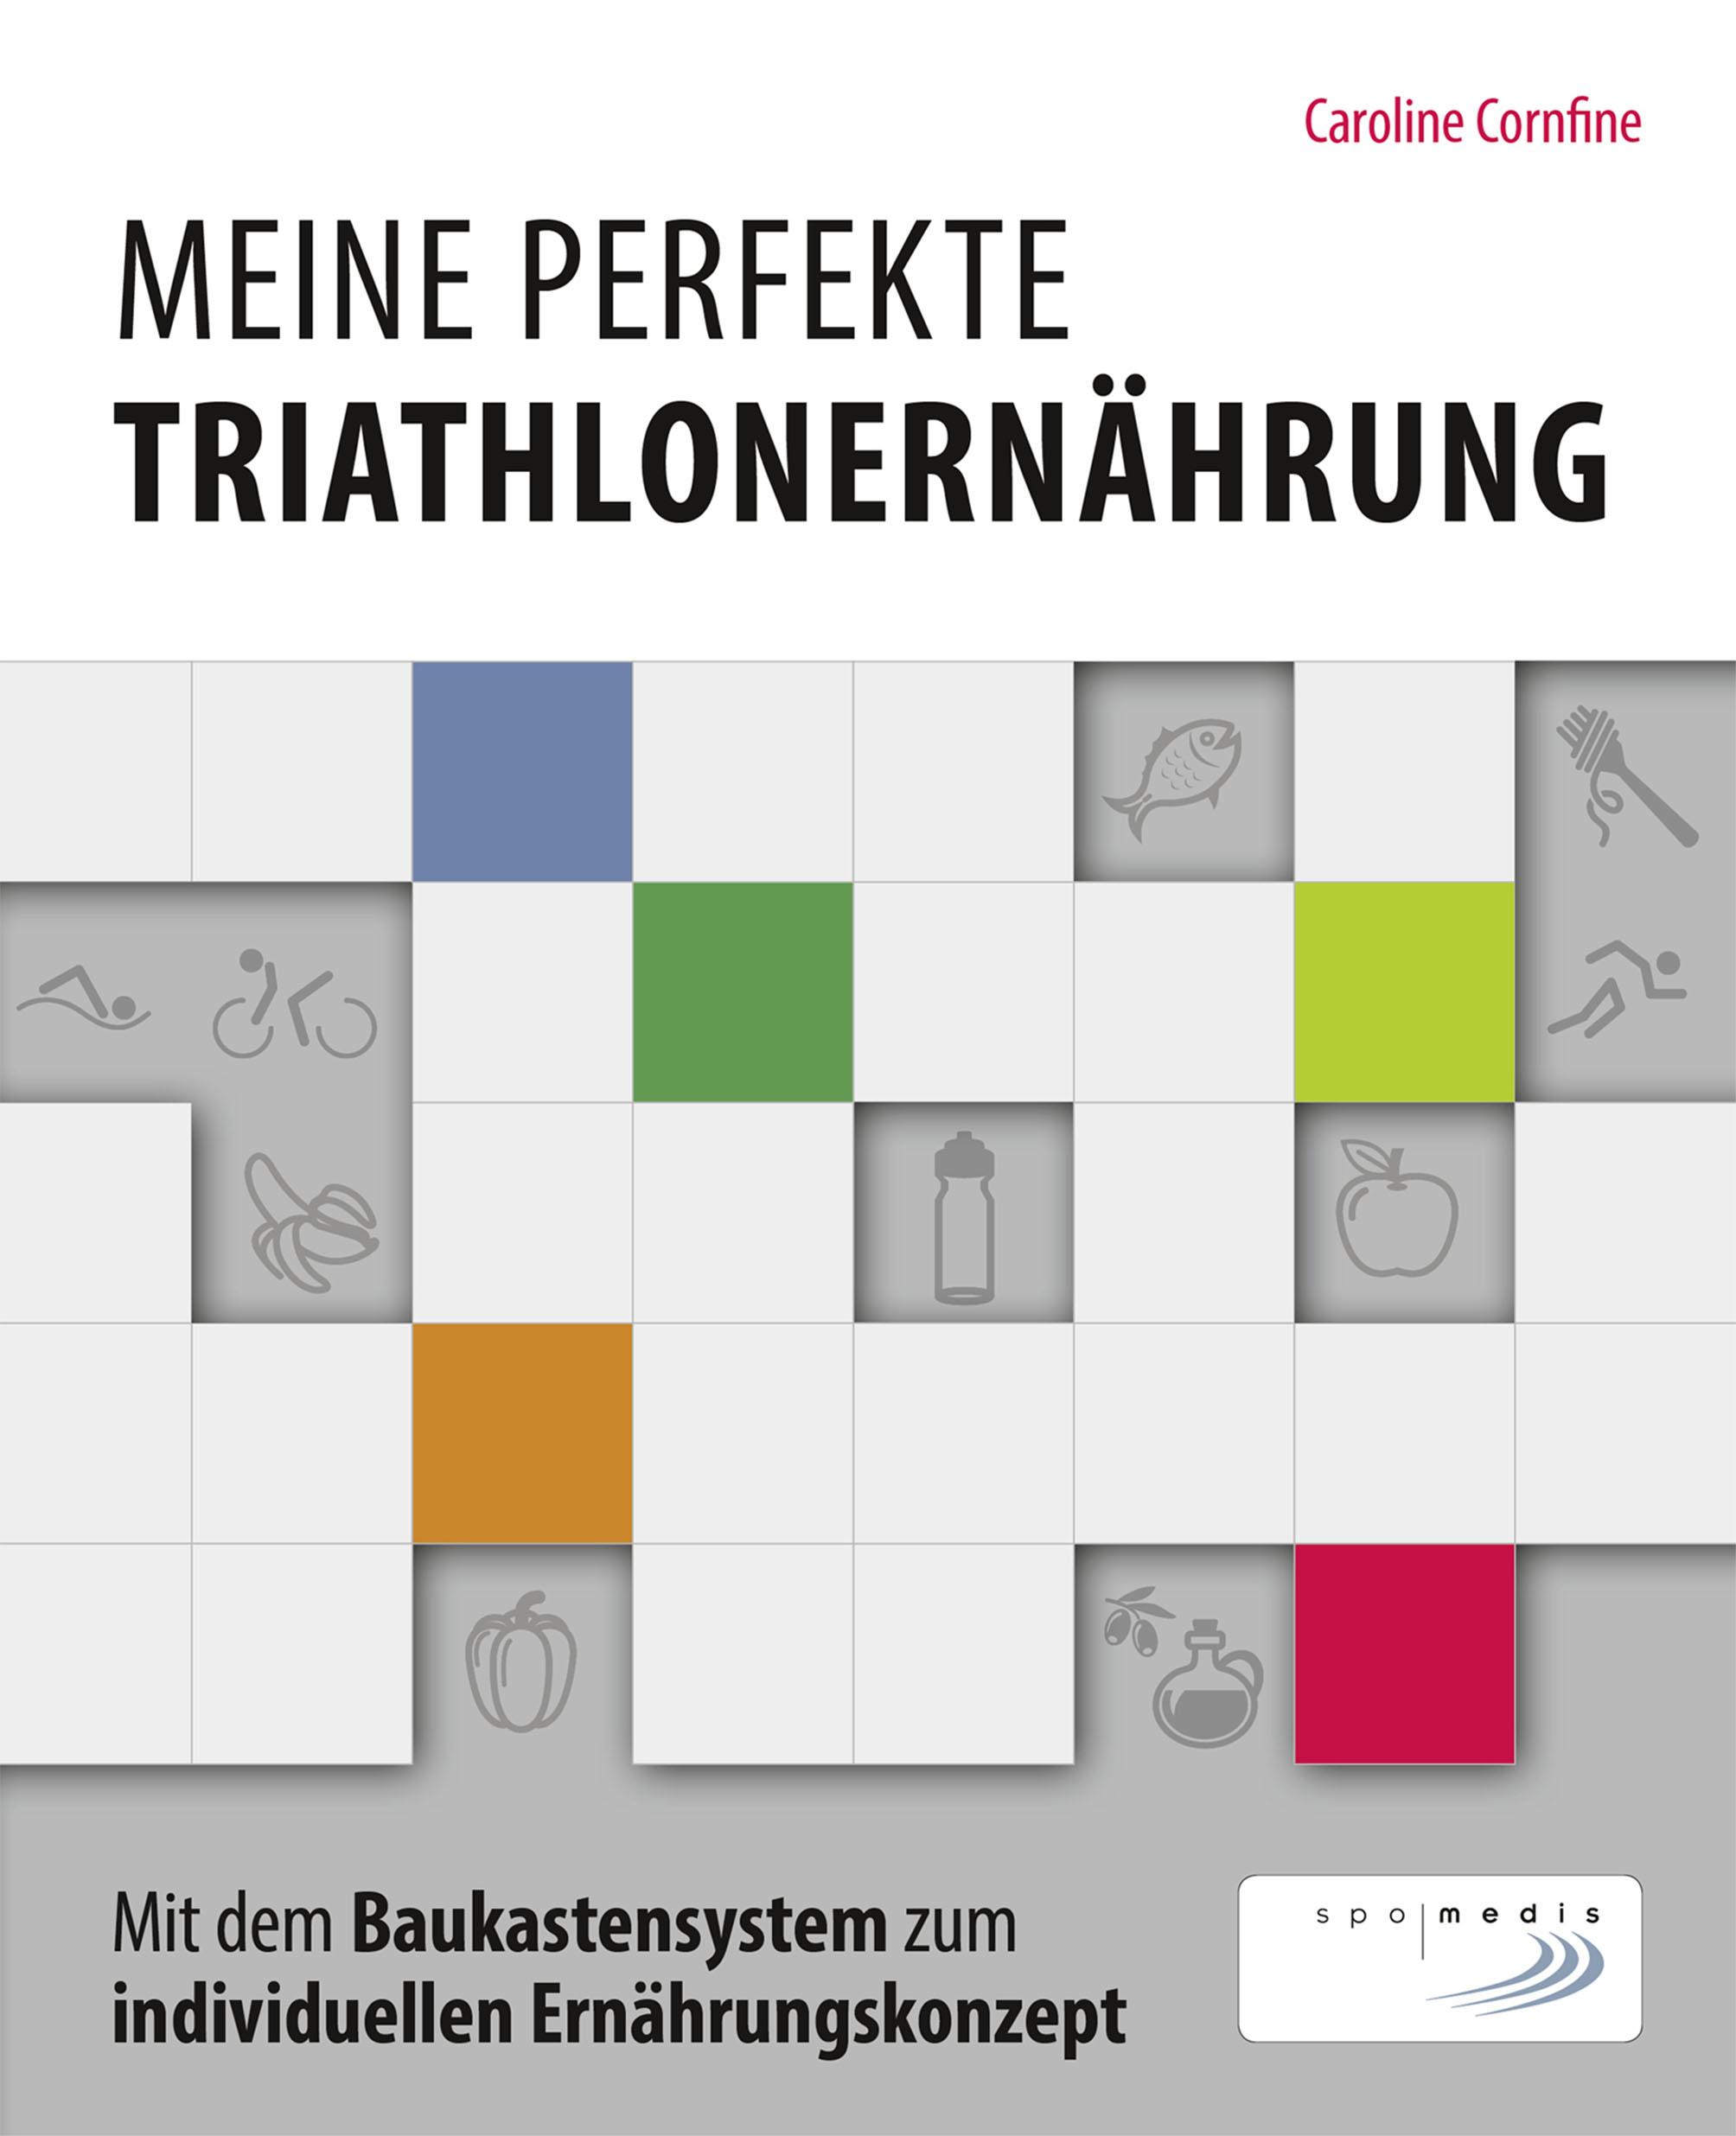 meine_perfekte_triathlonernaehrung_cover_2d